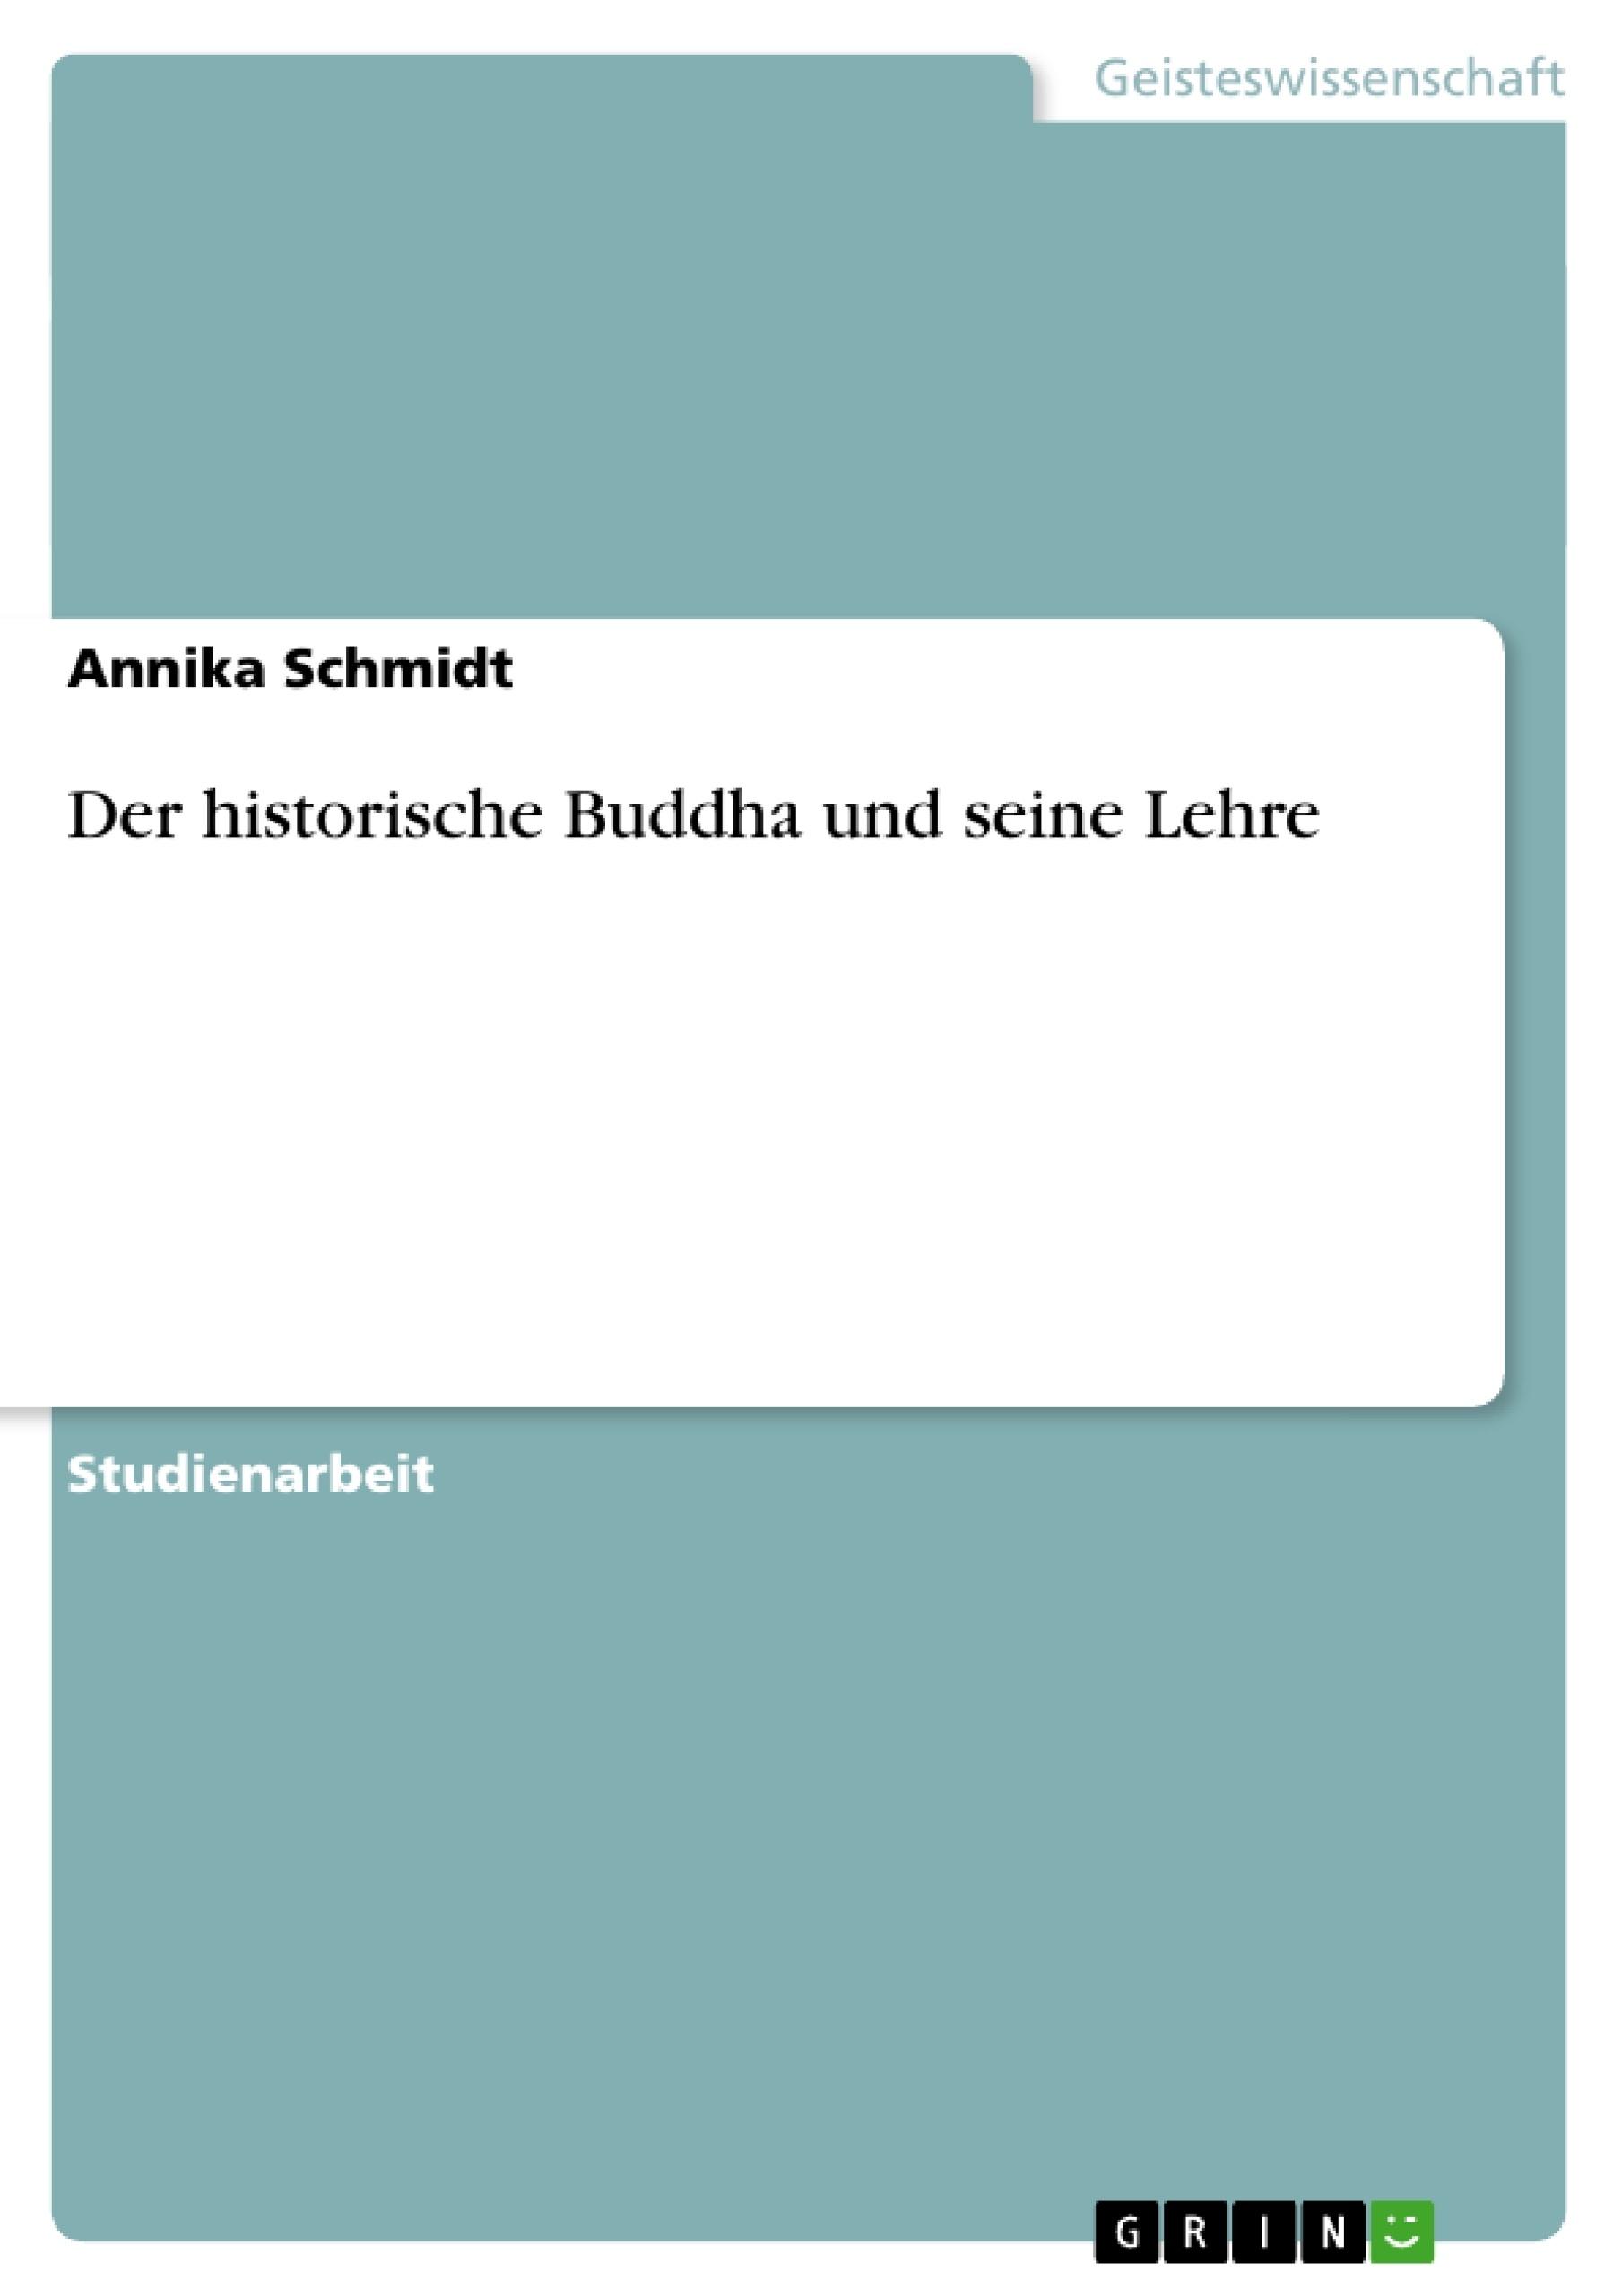 Titel: Der historische Buddha und seine Lehre